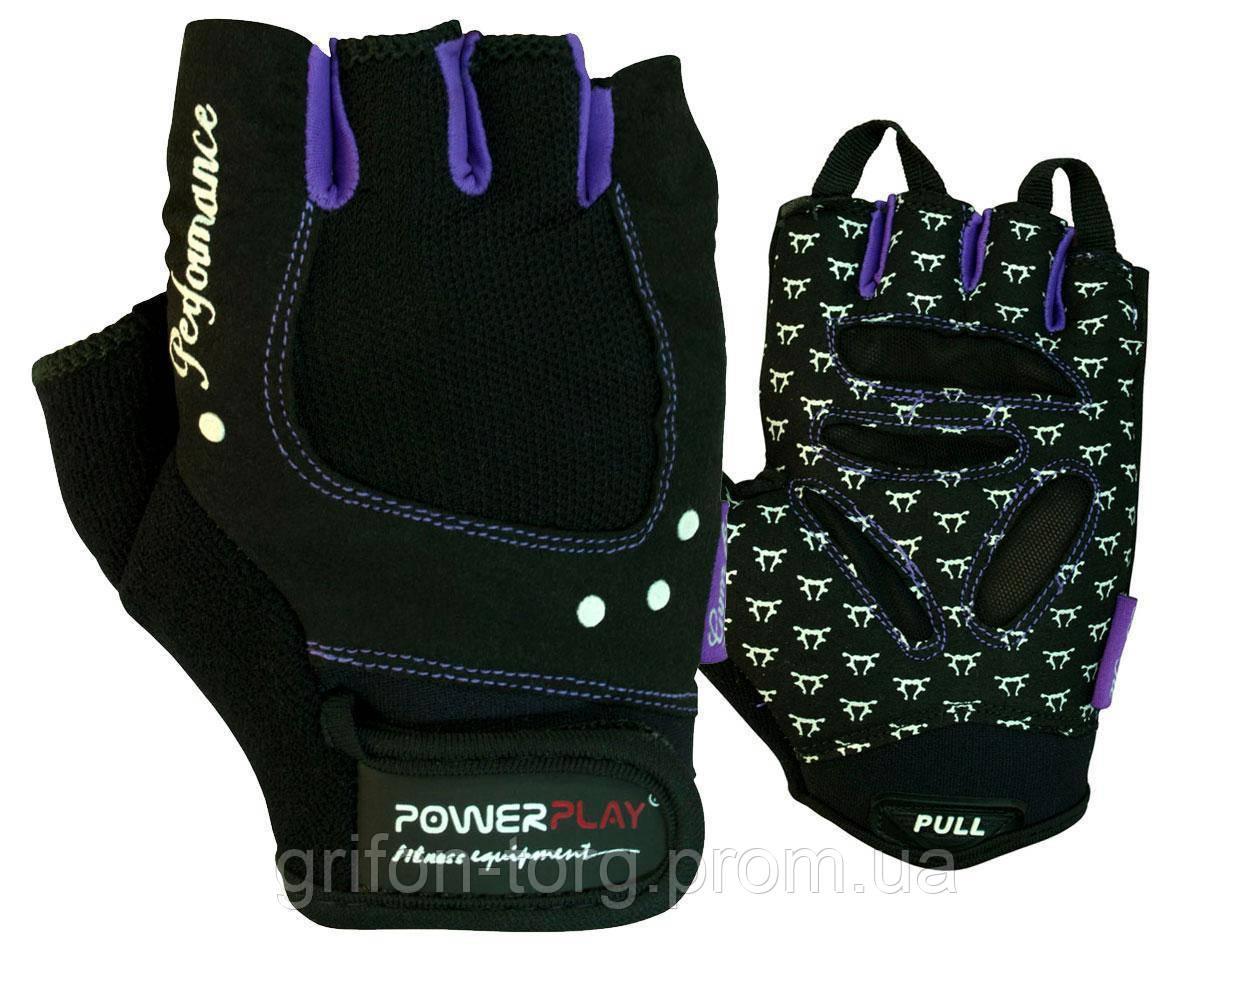 Рукавички для фітнесу PowerPlay 1751 жіночі Чорно-Фіолетові S